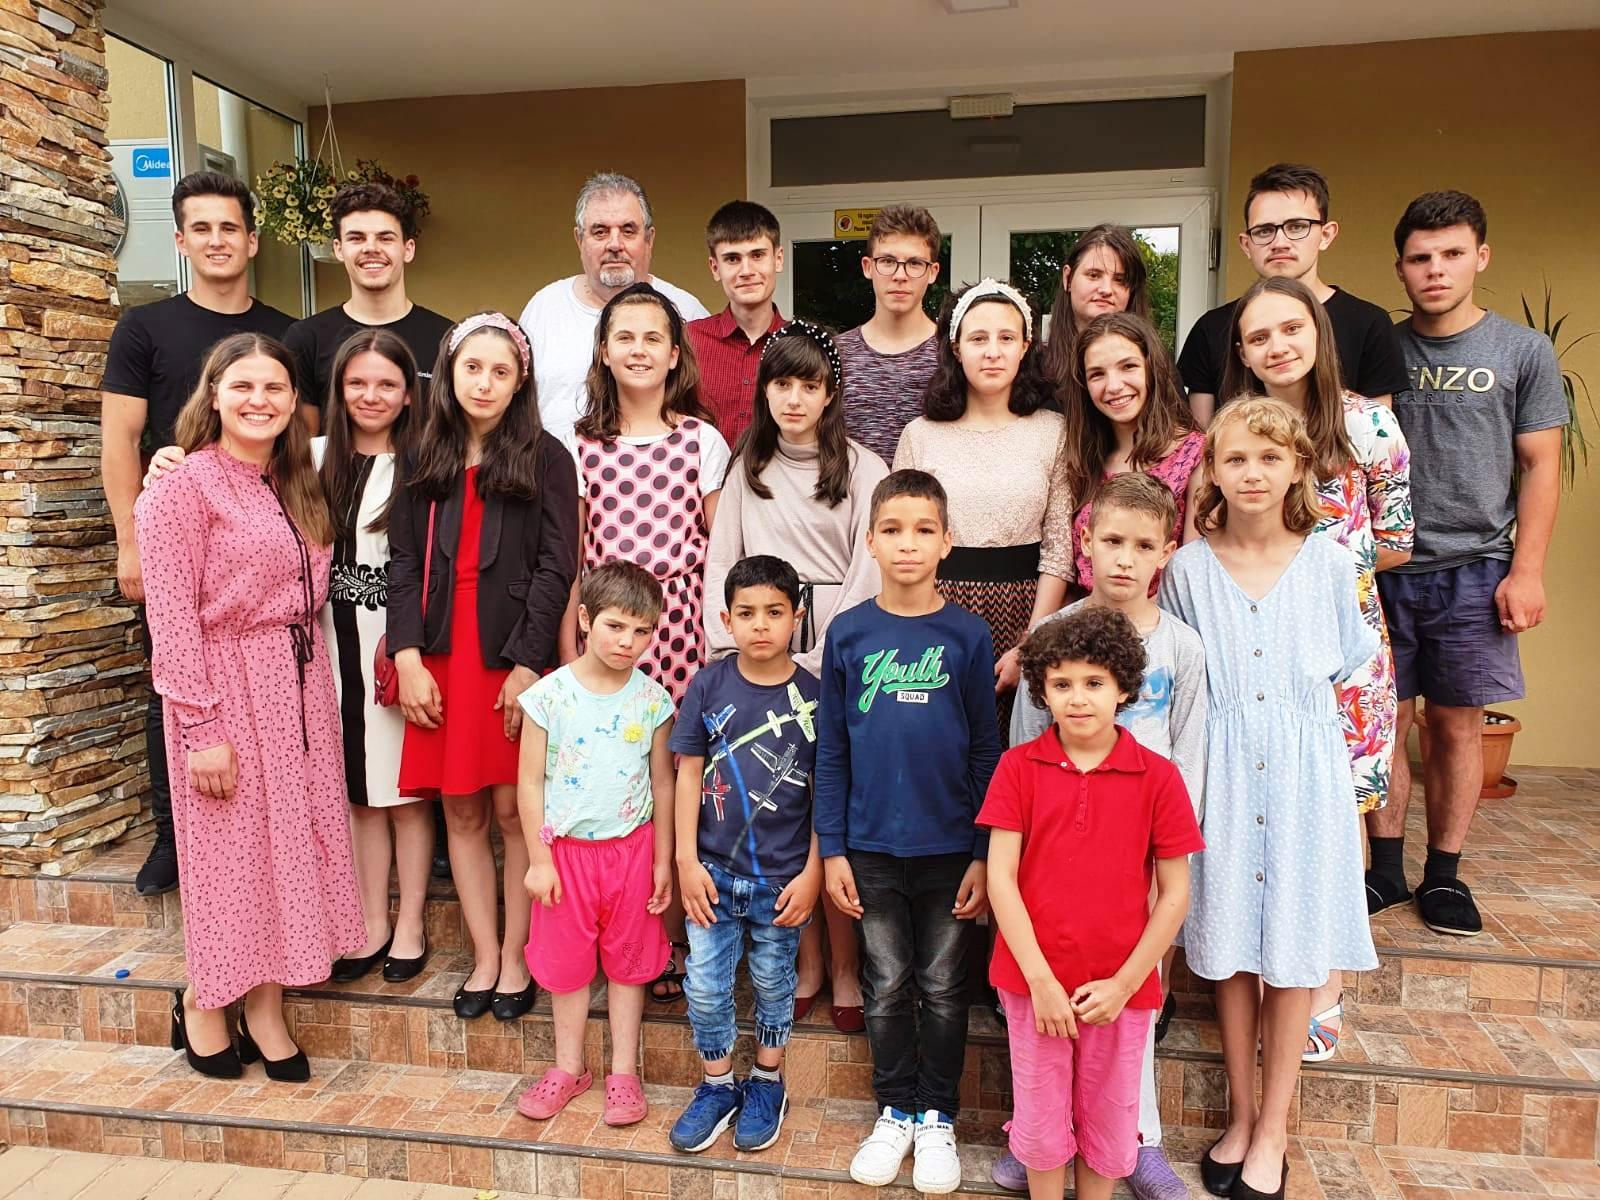 21 Kinder und Jugendliche sowie ein älterer Mann stehen auf den Treppenstufen vor einem Gebäude